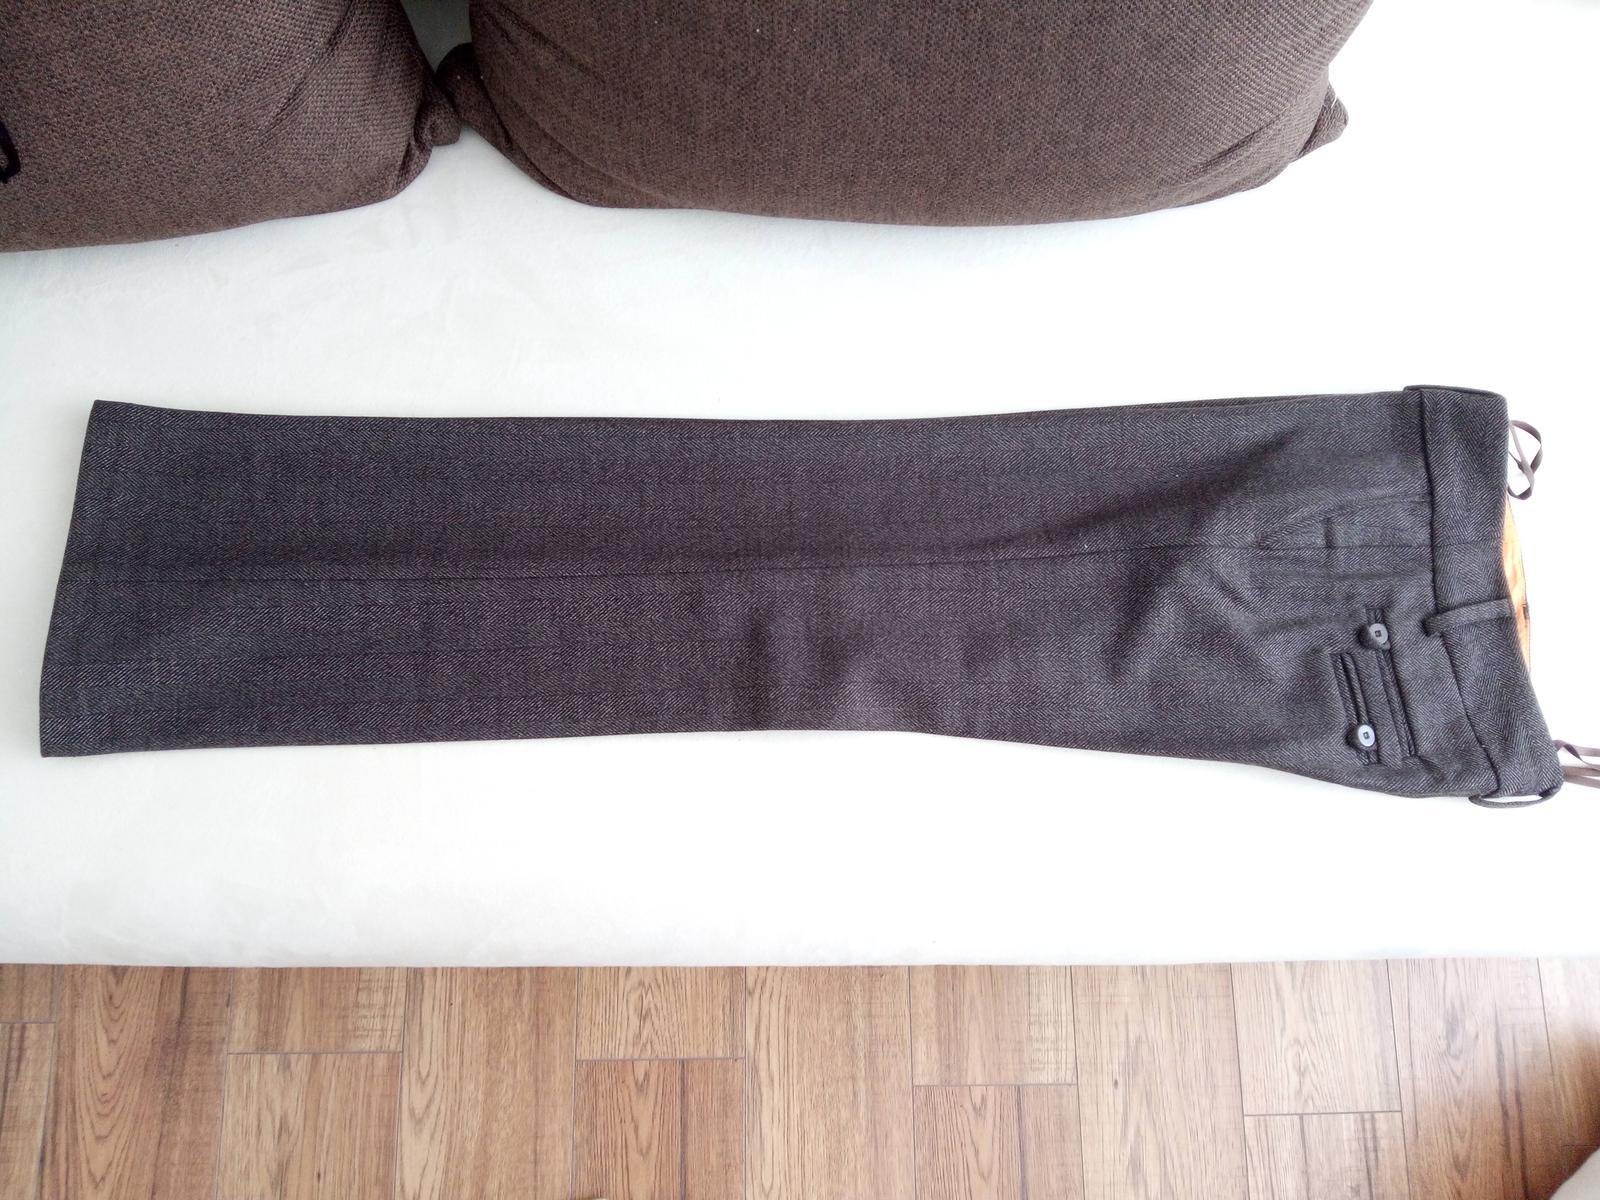 Elegantné nohavice - vzor rybia kosť - Obrázok č. 2